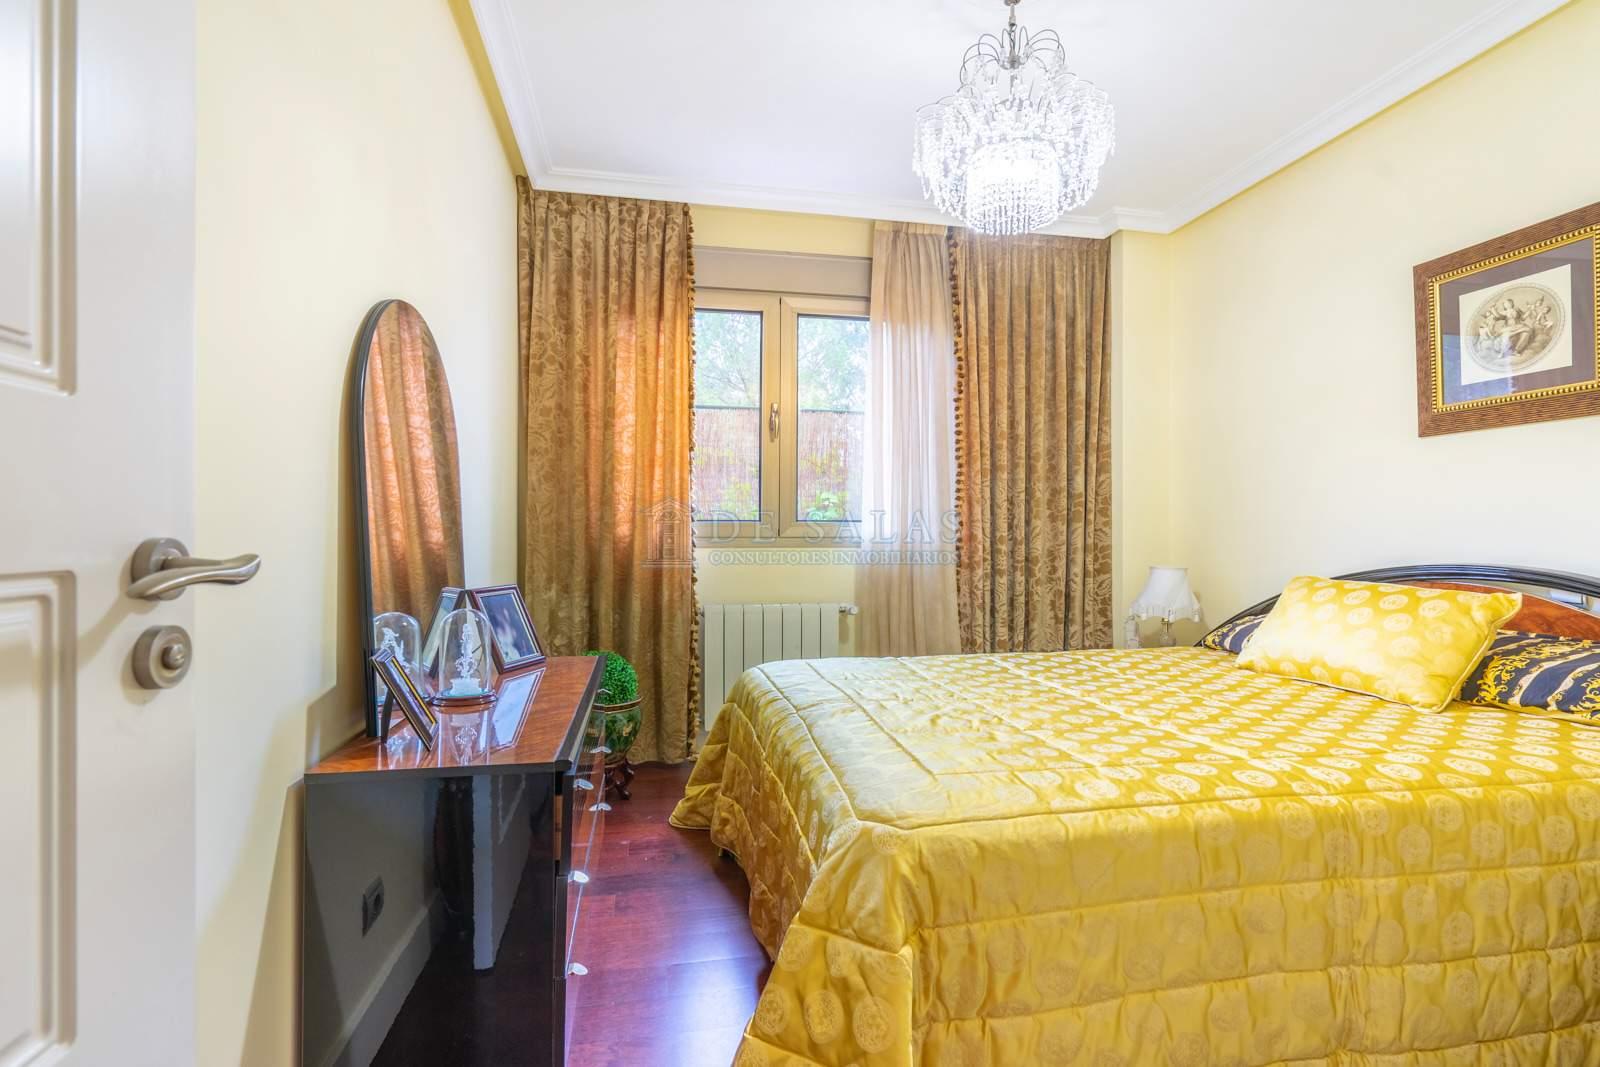 Dormitorio-17 Flat El Encinar de los Reyes